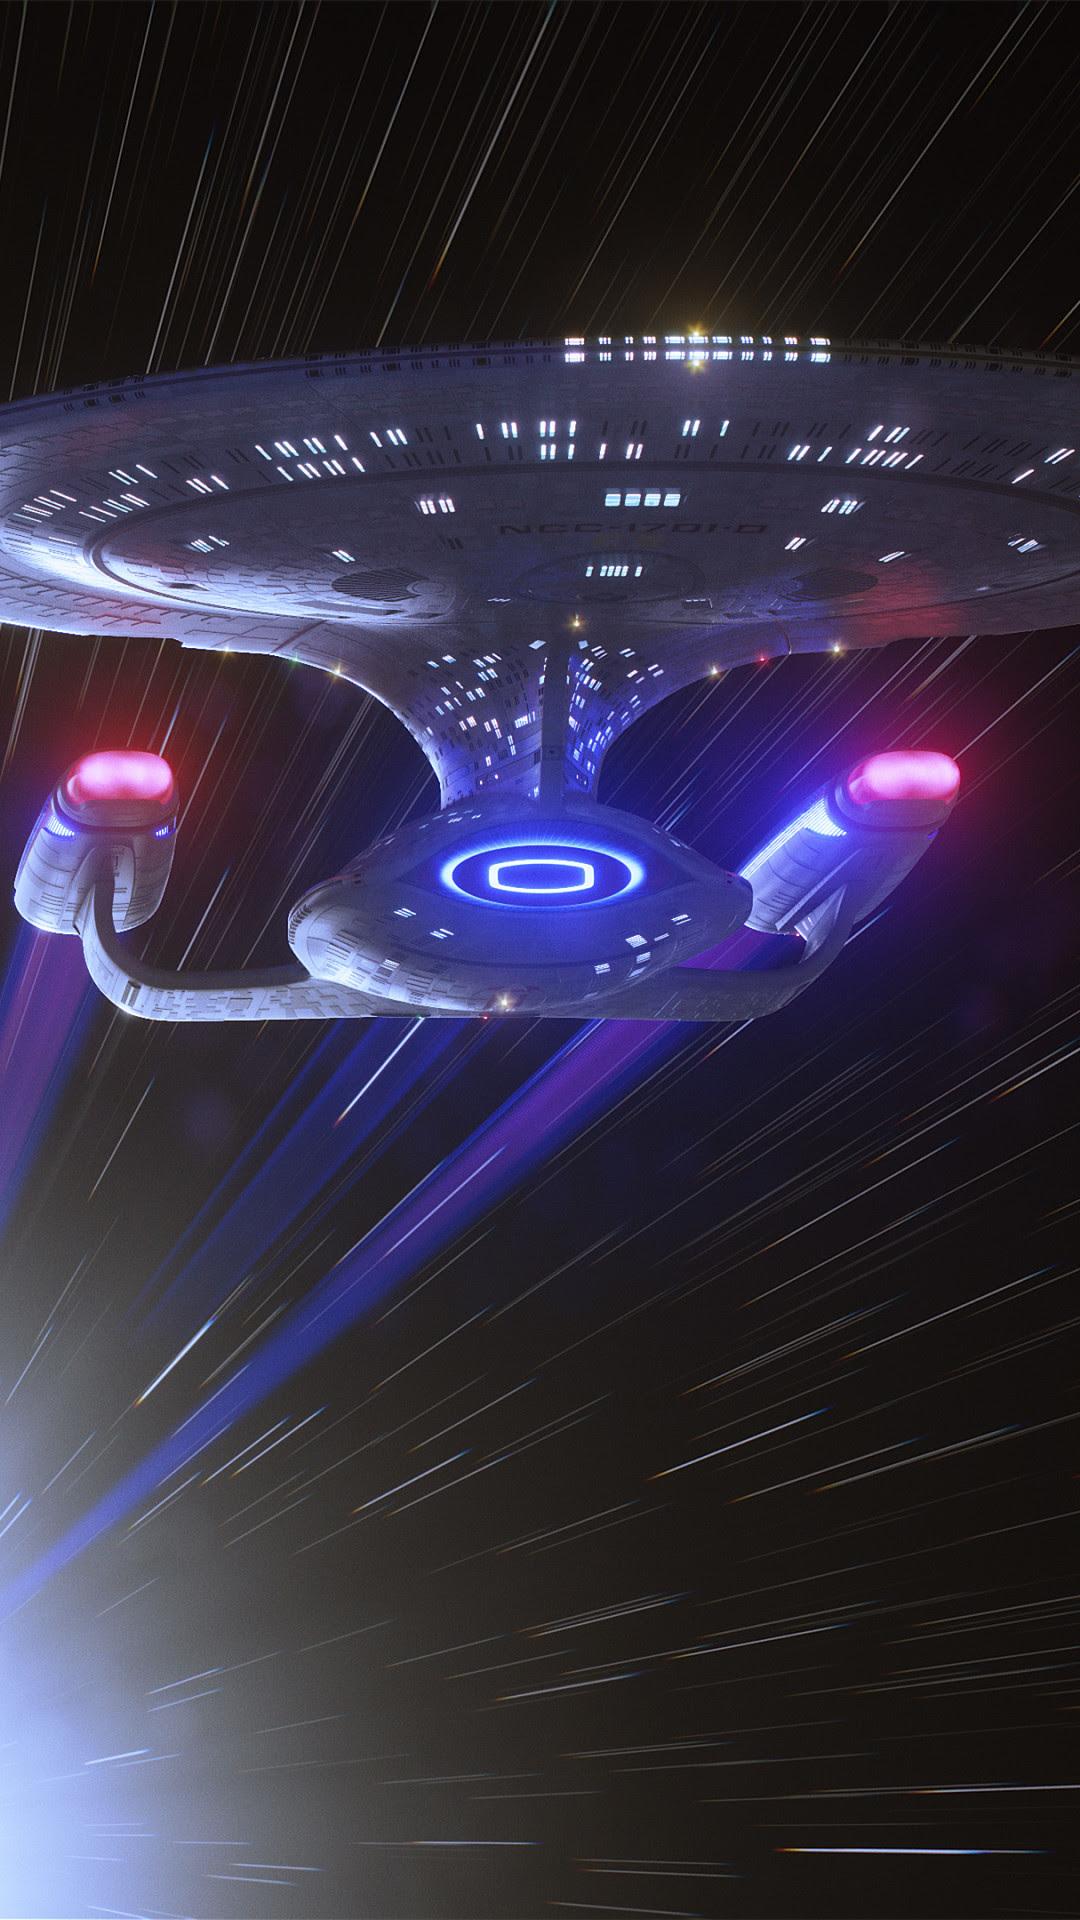 Star Trek Phone Wallpaper 66 Images